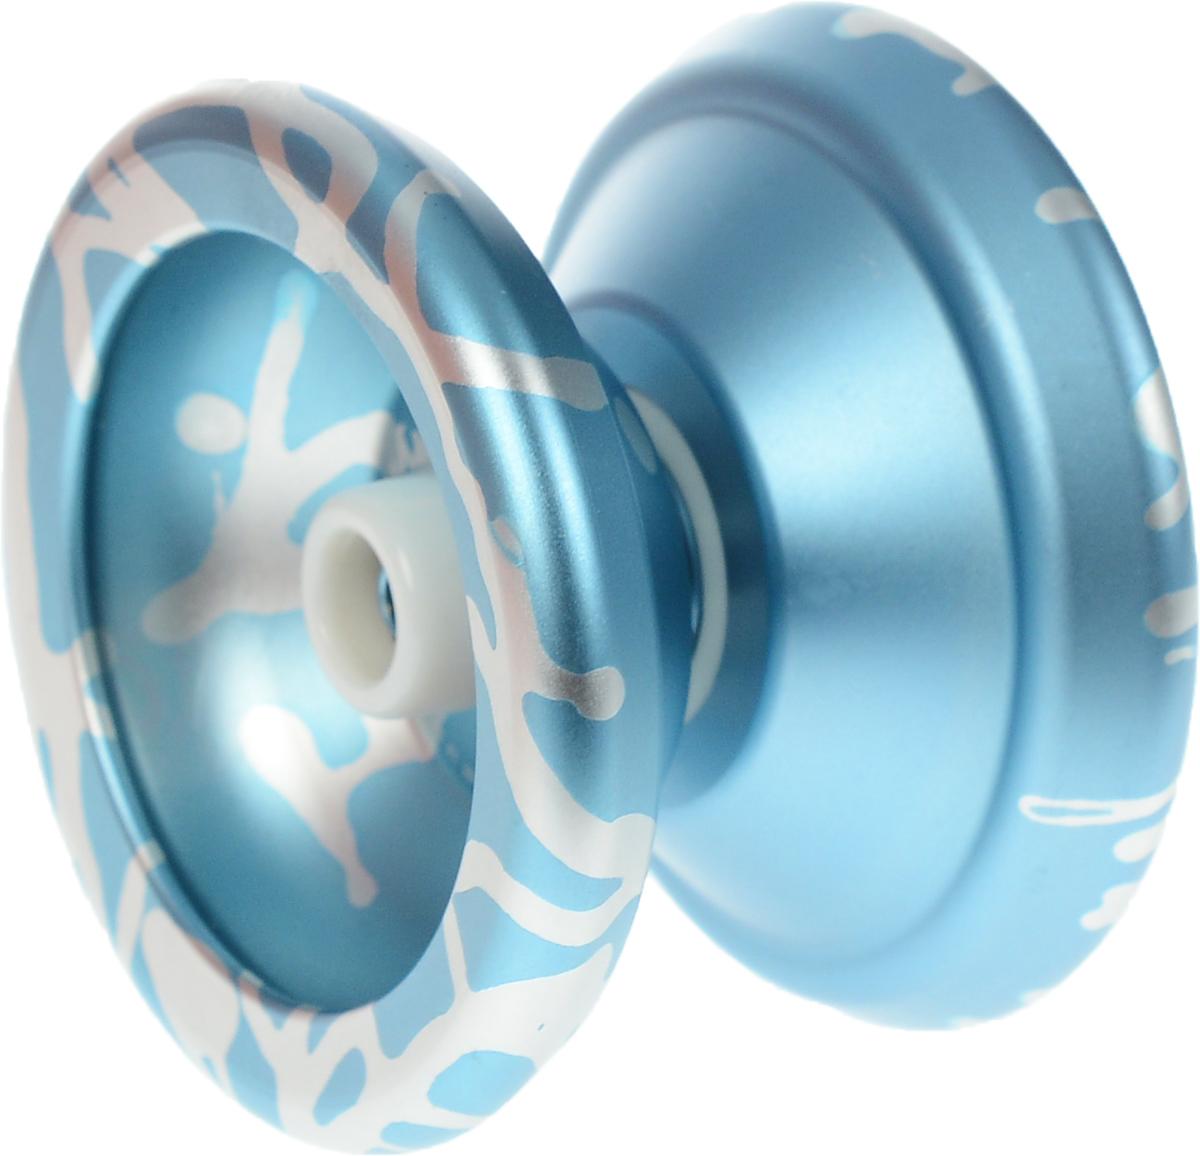 YoYoFactory Йо-йо Superstar цвет серебристый голубой yoyofactory йо йо цвет красный dv888